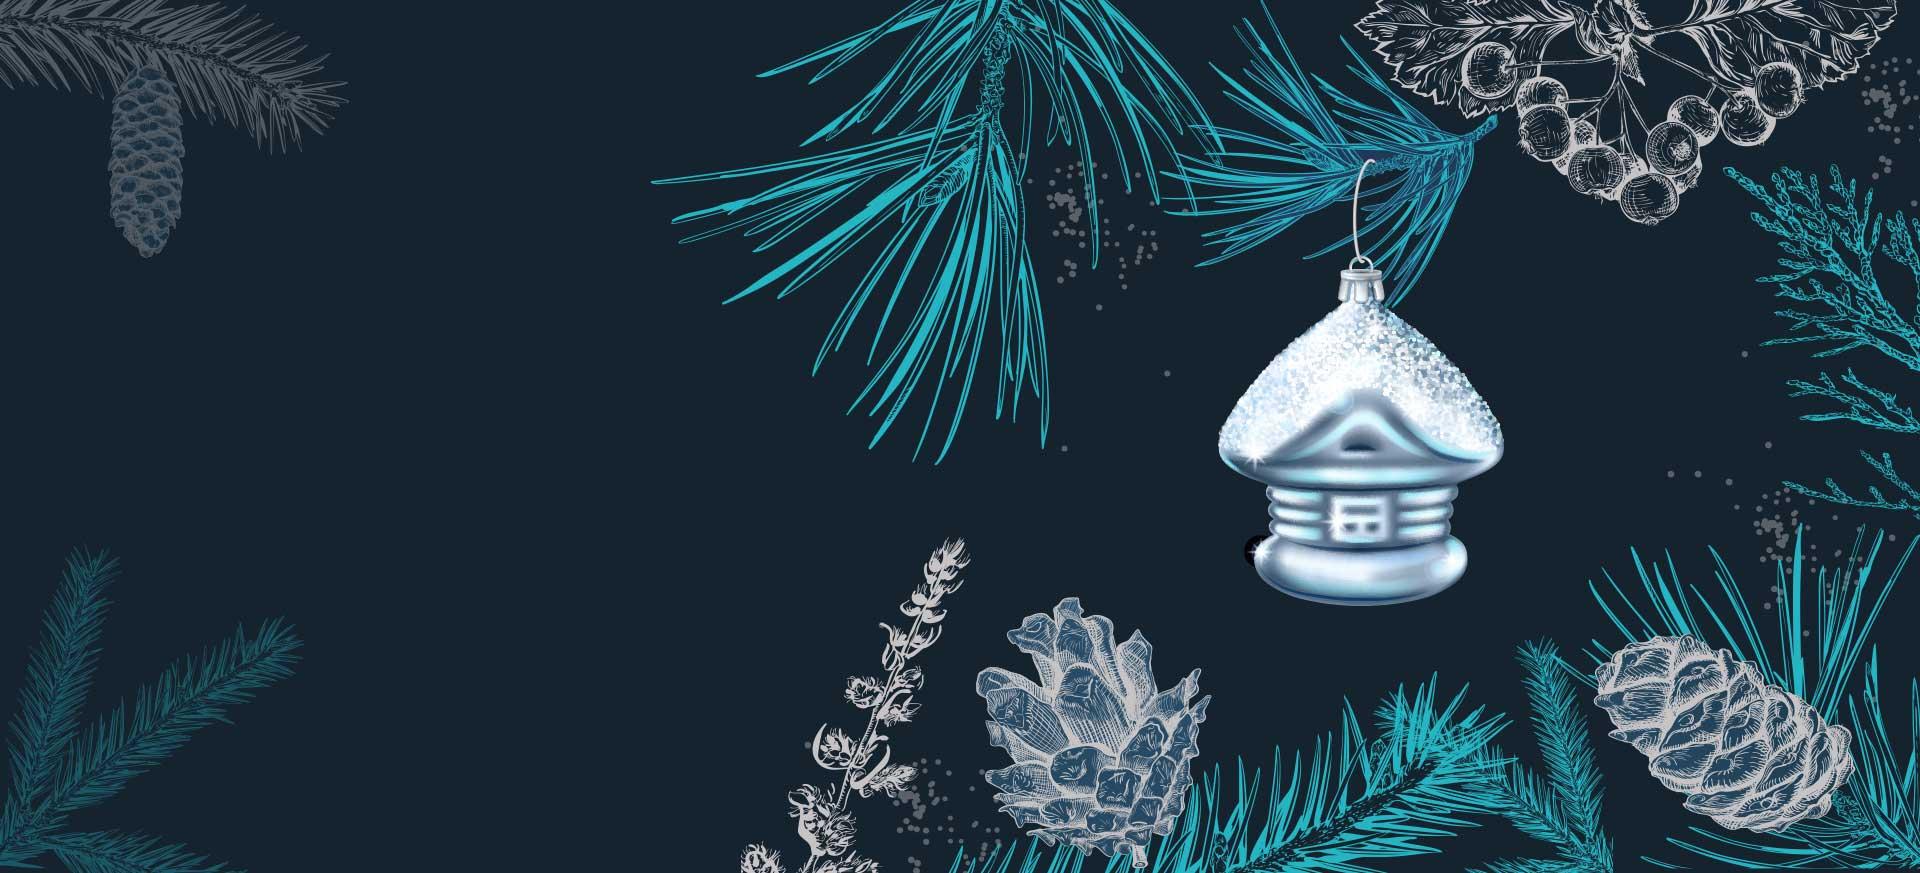 Wir wünschen Ihnen </br>eine besinnliche Adventszeit &</br> frohe Weihnachten